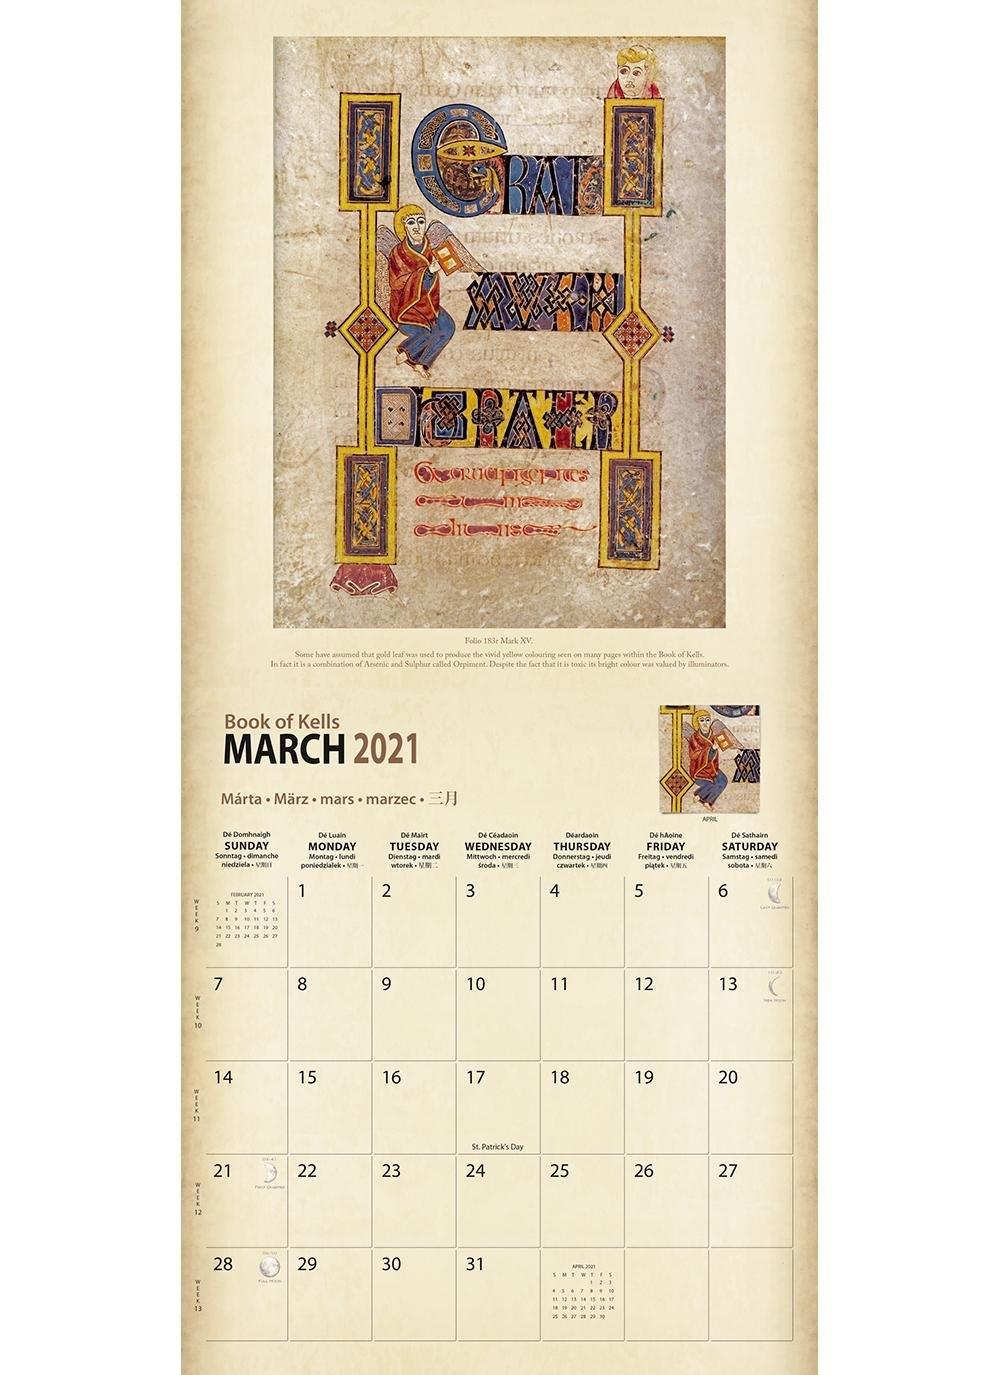 Book Of Kells 2021 Calendar | Blarney with 2021 Calendar Trinidad And Tobago Image